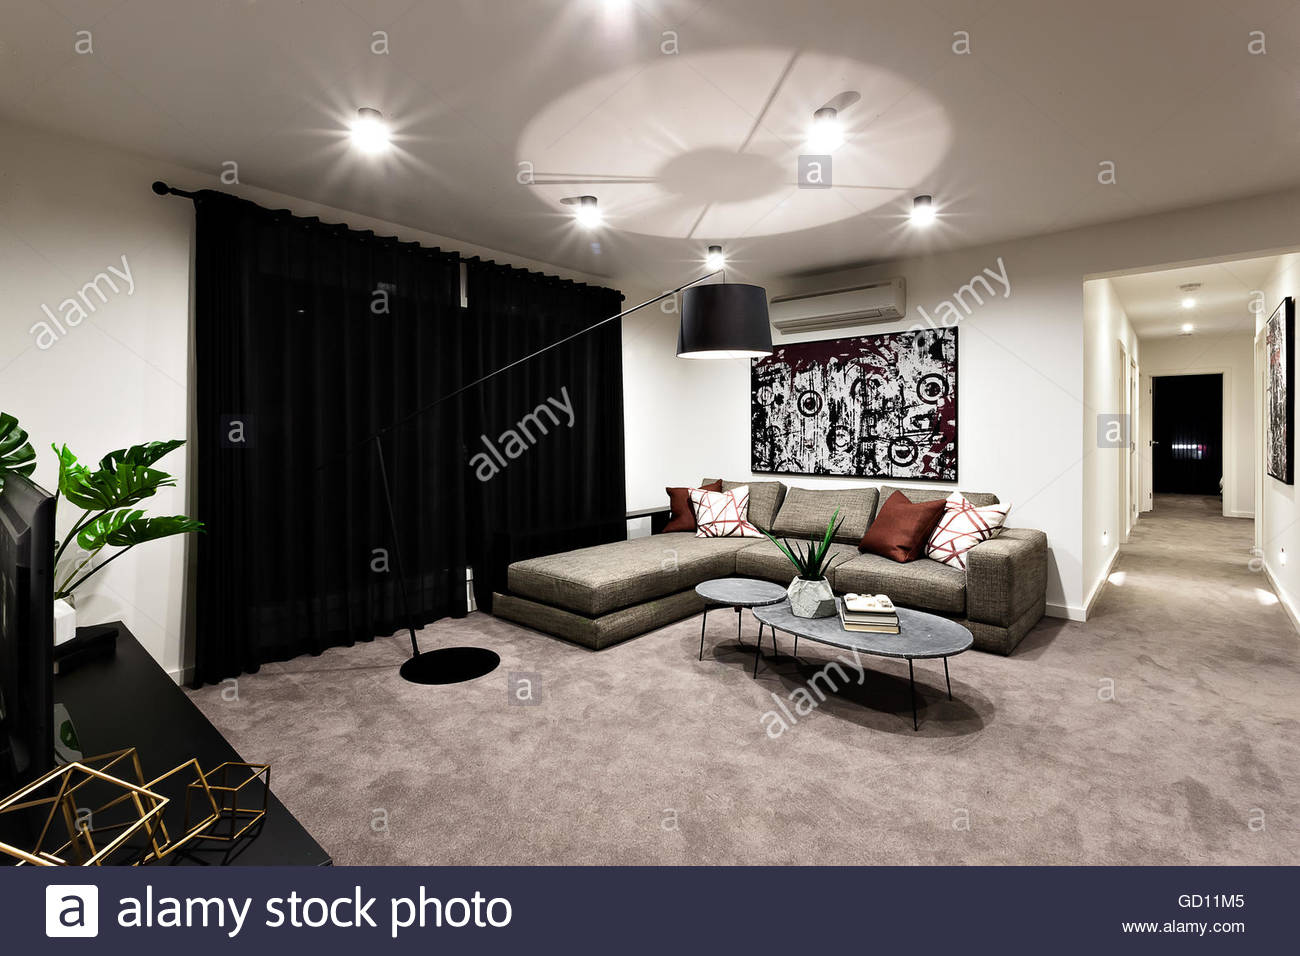 Full Size of Moderne Hängelampen Modernes Sofa Landhausküche Duschen Bett Esstische 180x200 Deckenleuchte Wohnzimmer Bilder Fürs Wohnzimmer Moderne Hängelampen